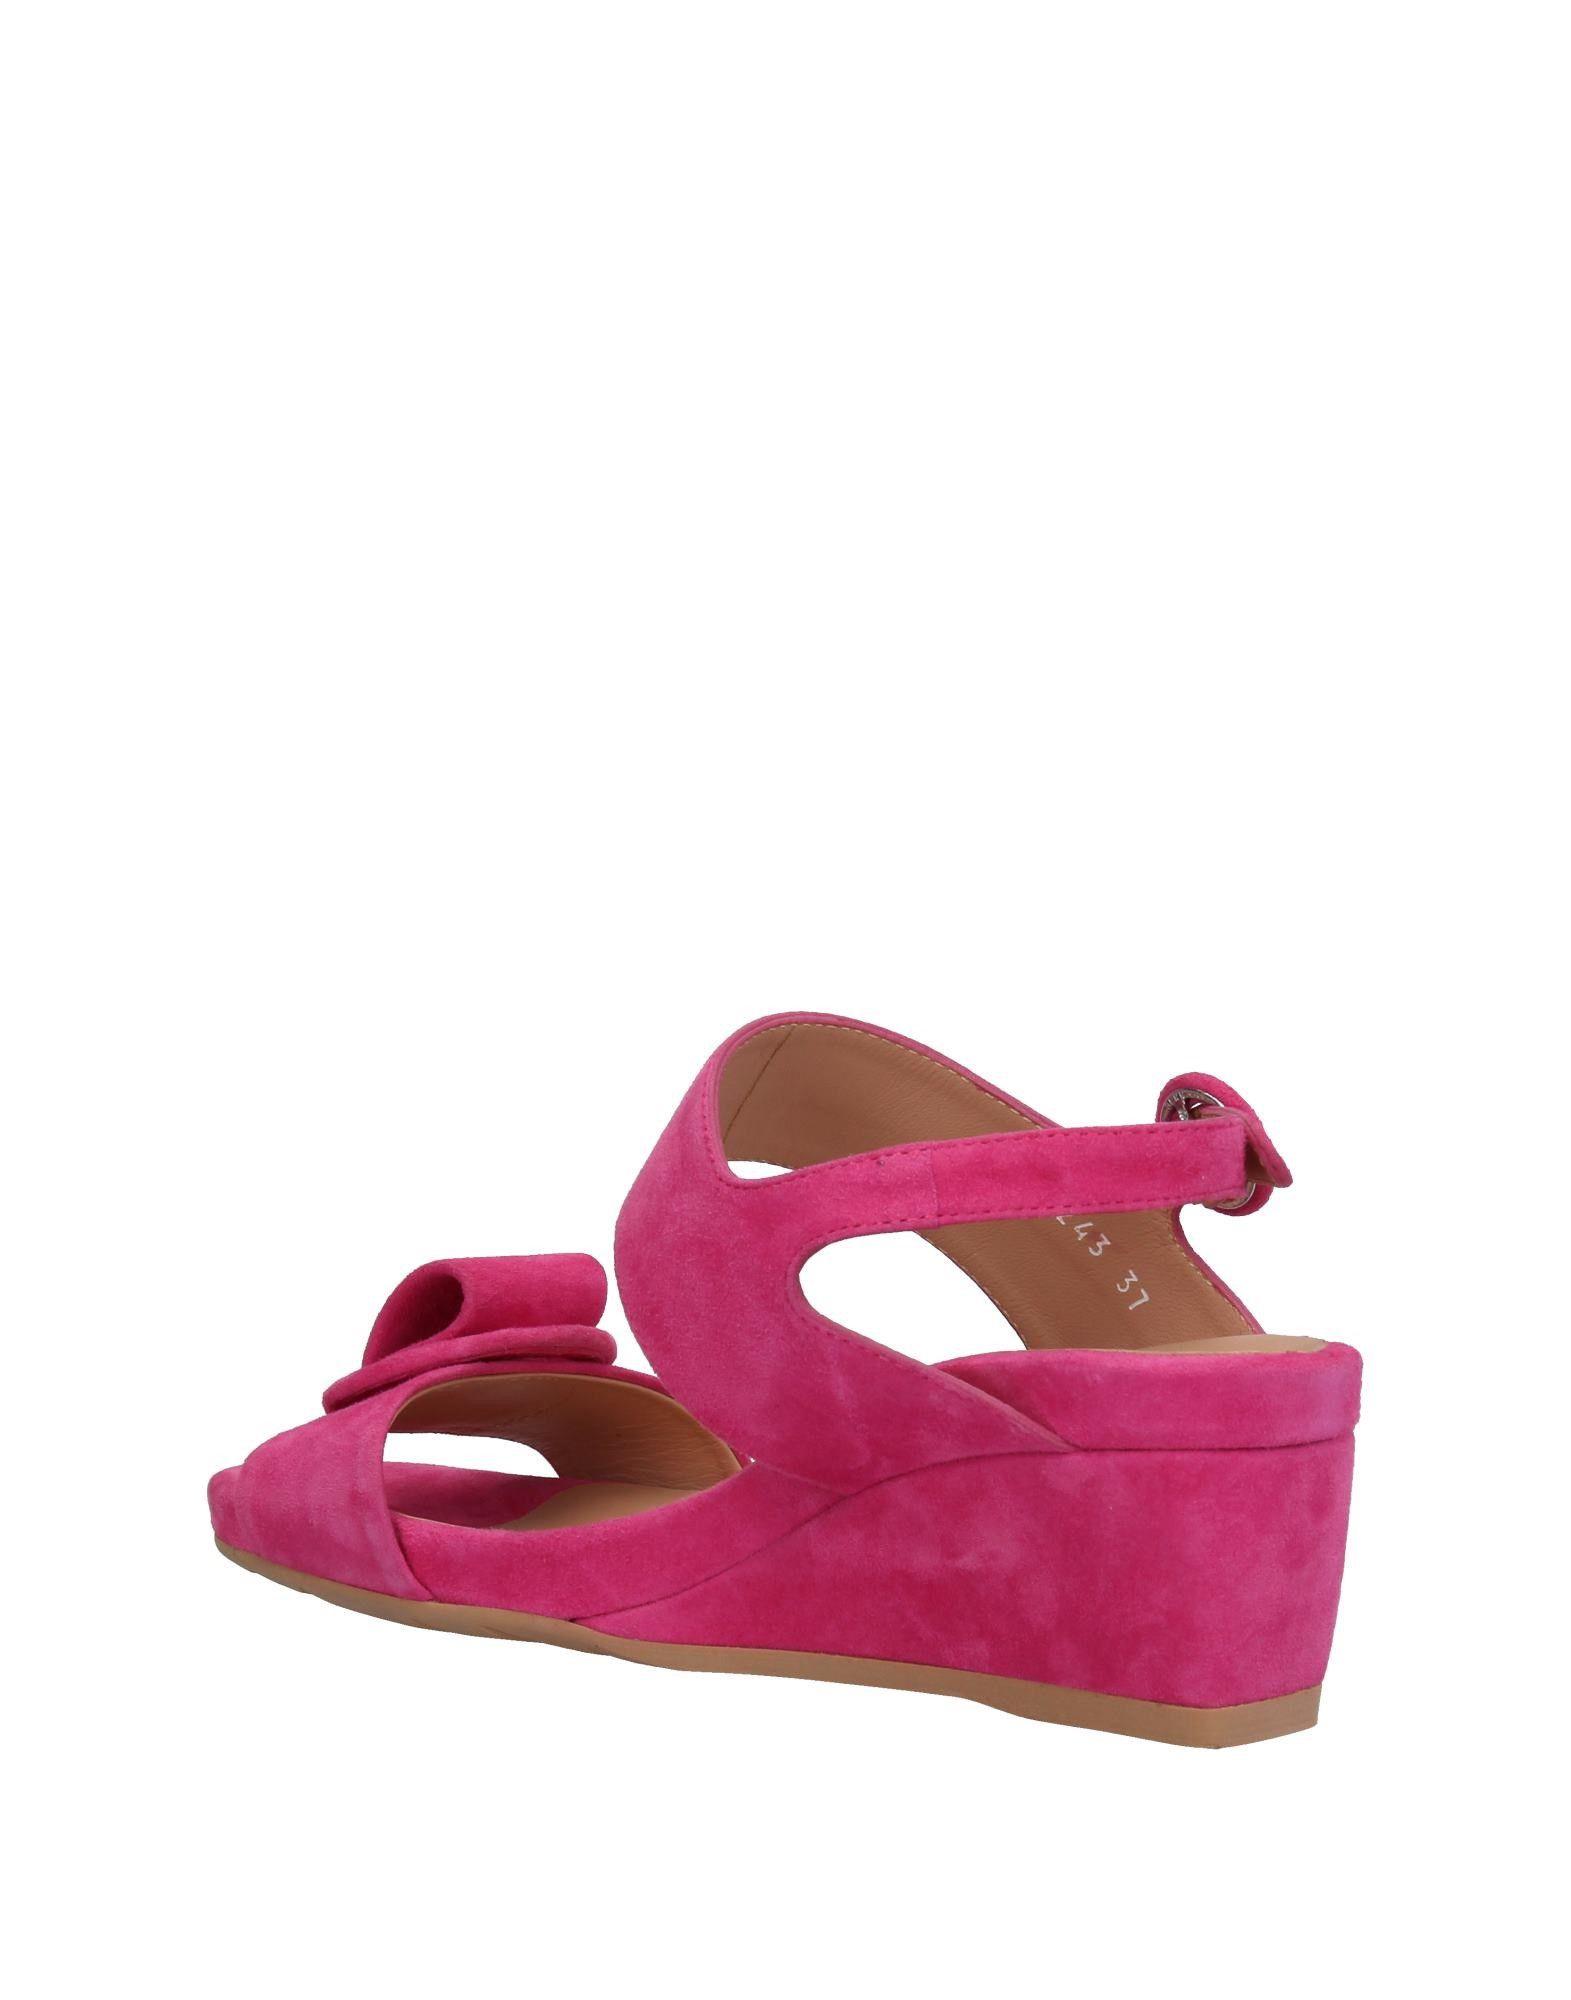 Sandales Pas De Rouge Femme - Sandales Pas De Rouge sur